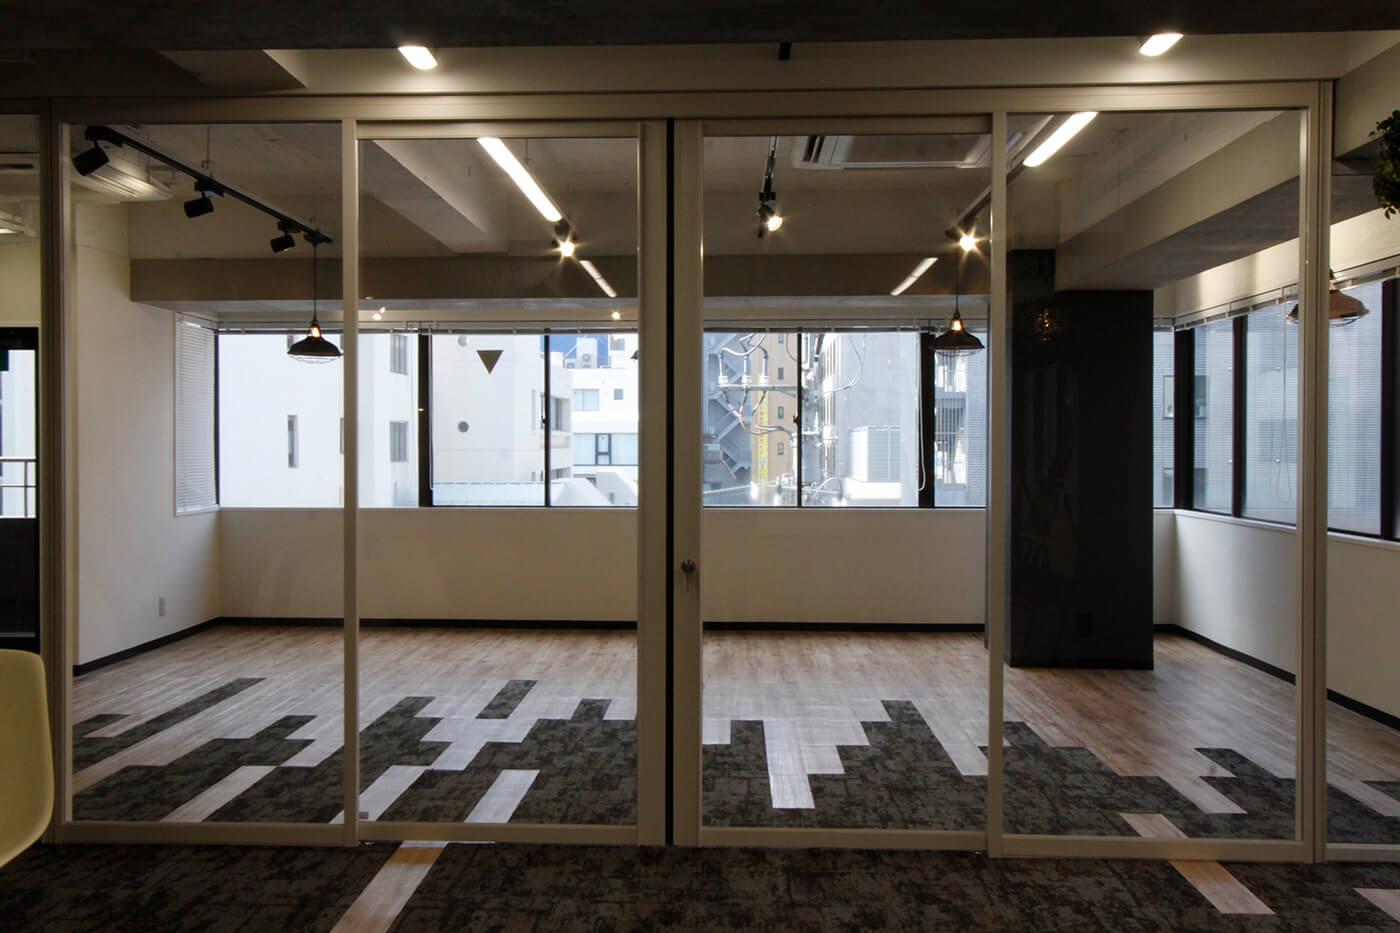 【内装付き】茅場町、約50坪。駅近。<br>受付・会議室・フリースペースをご用意